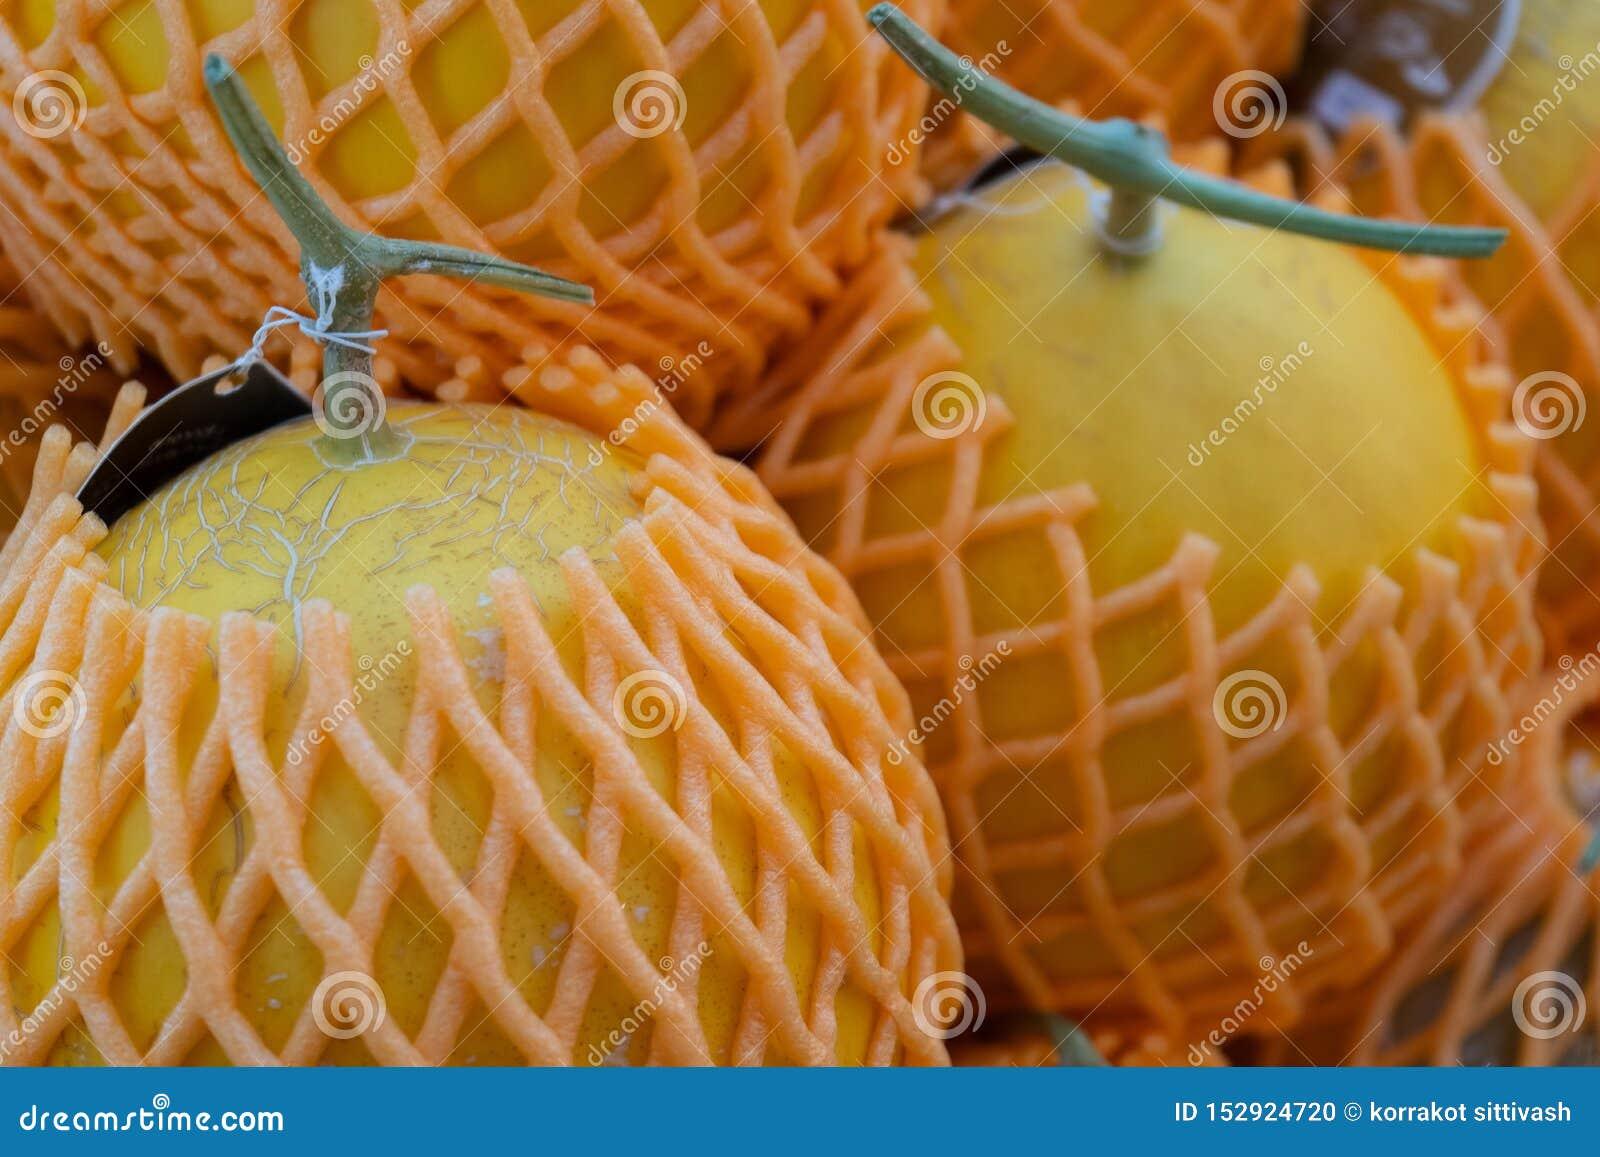 De Kantaloep van het meloenfruit met schuim netto in fruitmarkt